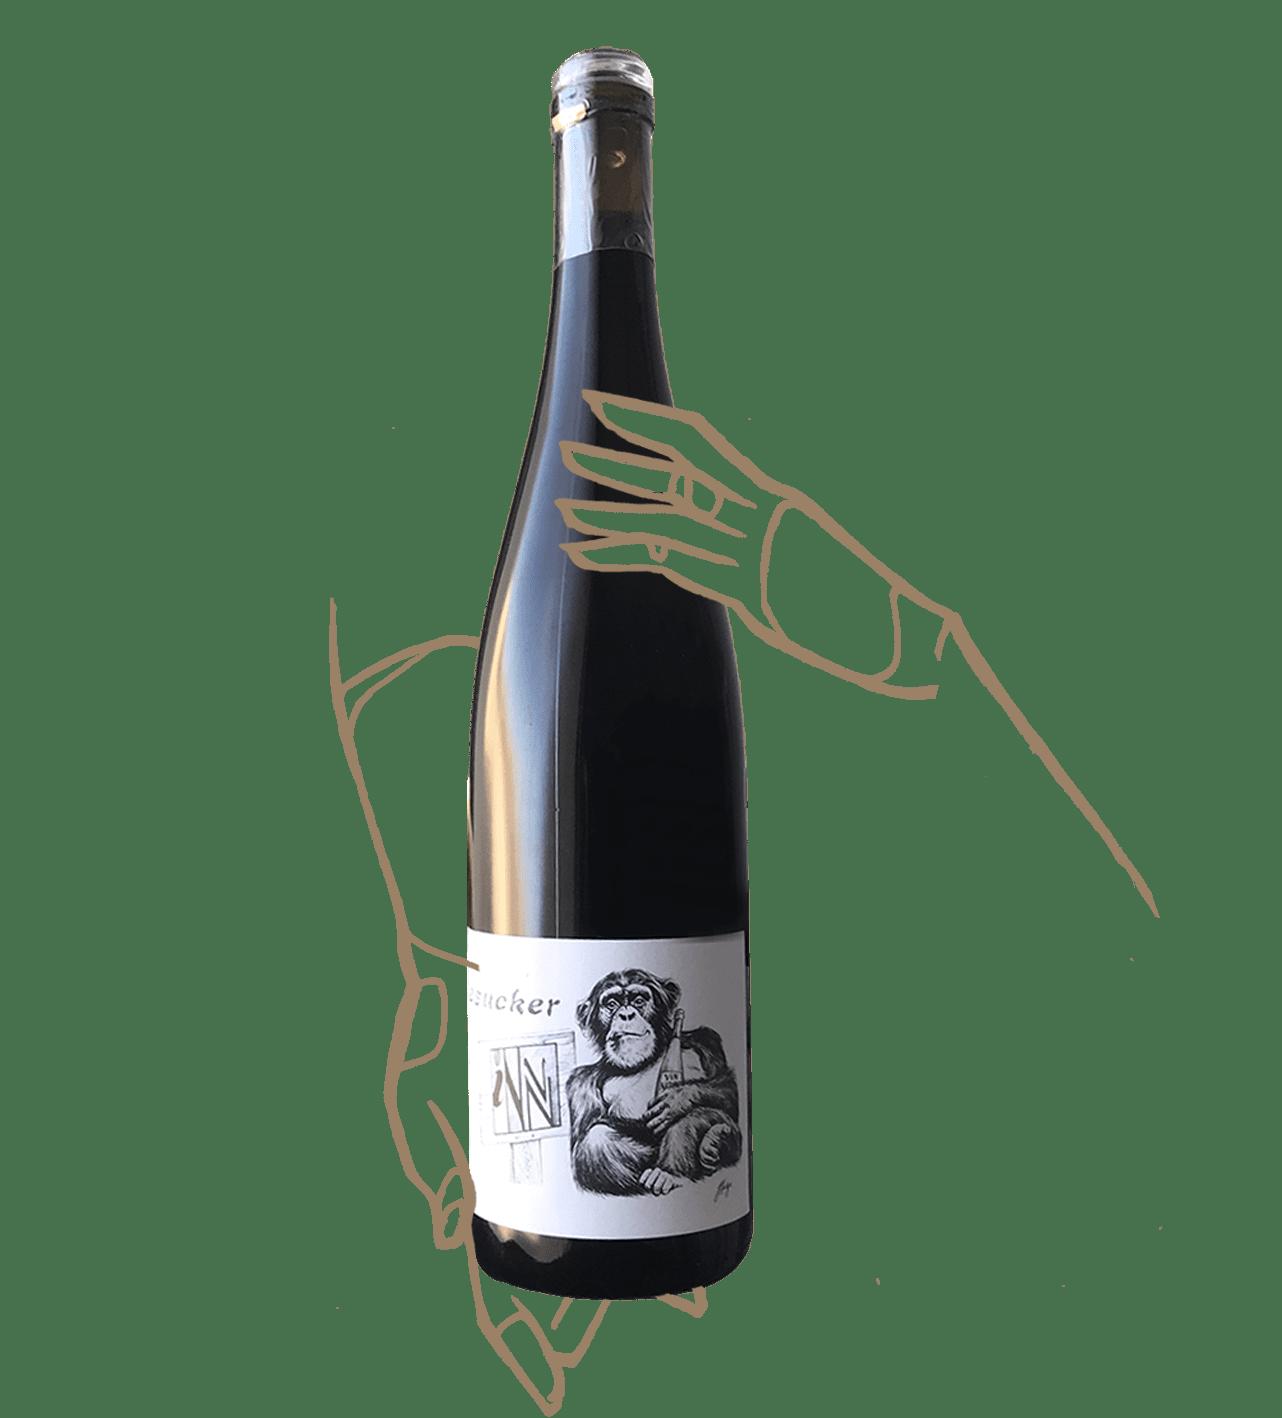 Un pinot noir signé winesucker et les vins pirouettes, vin naturel Alsace